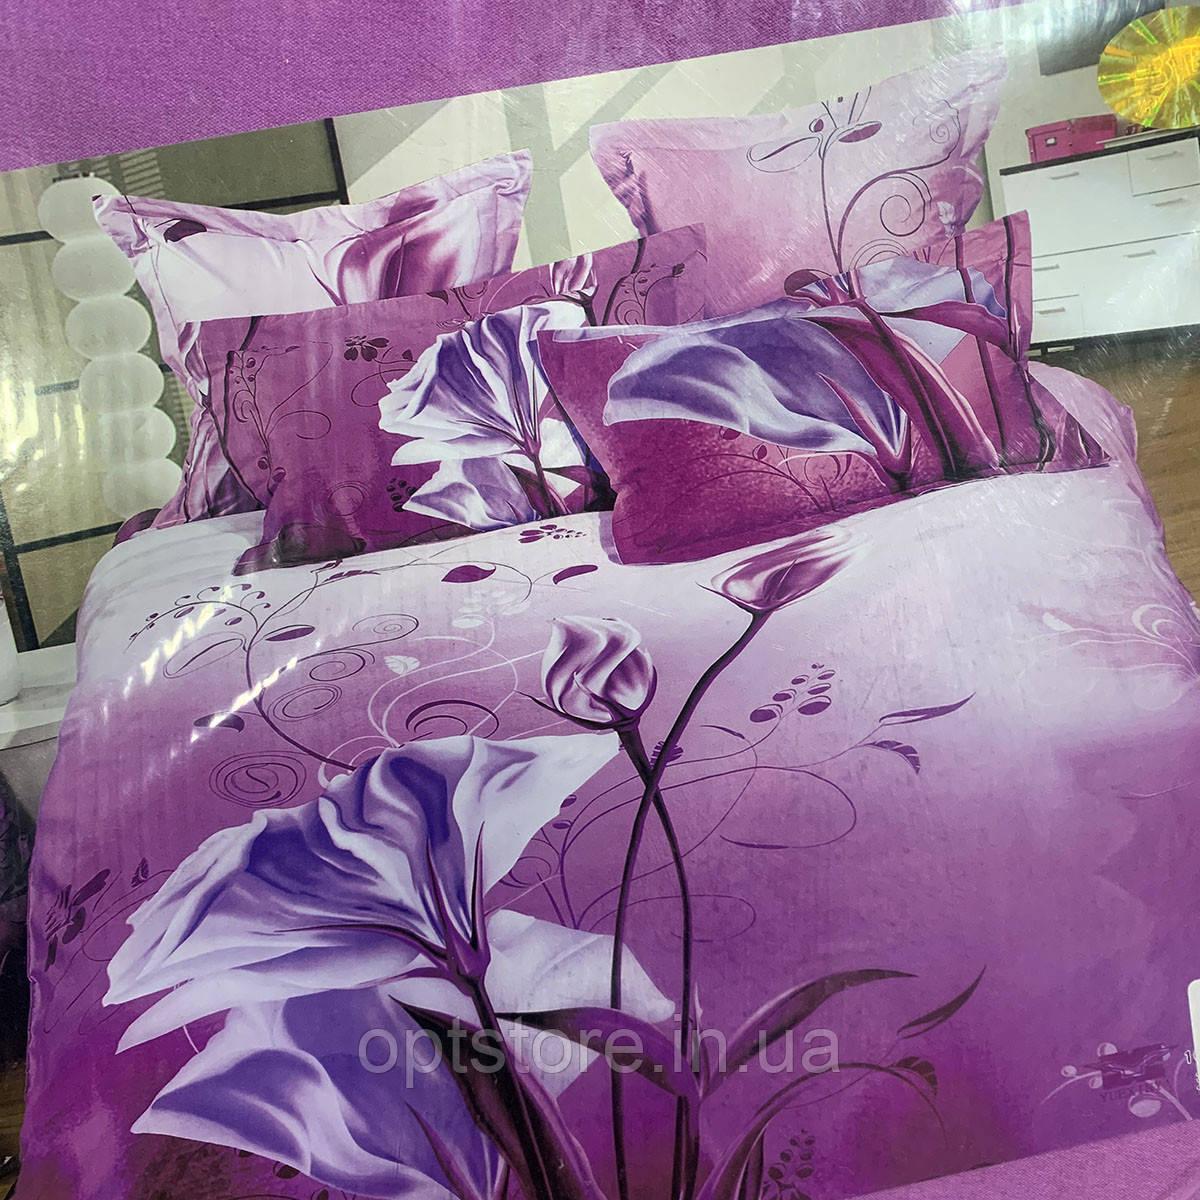 """""""бузкове"""" постільна білизна Elway Premium євро розмір 200*220 см, тканина сатин 100% бавовна"""